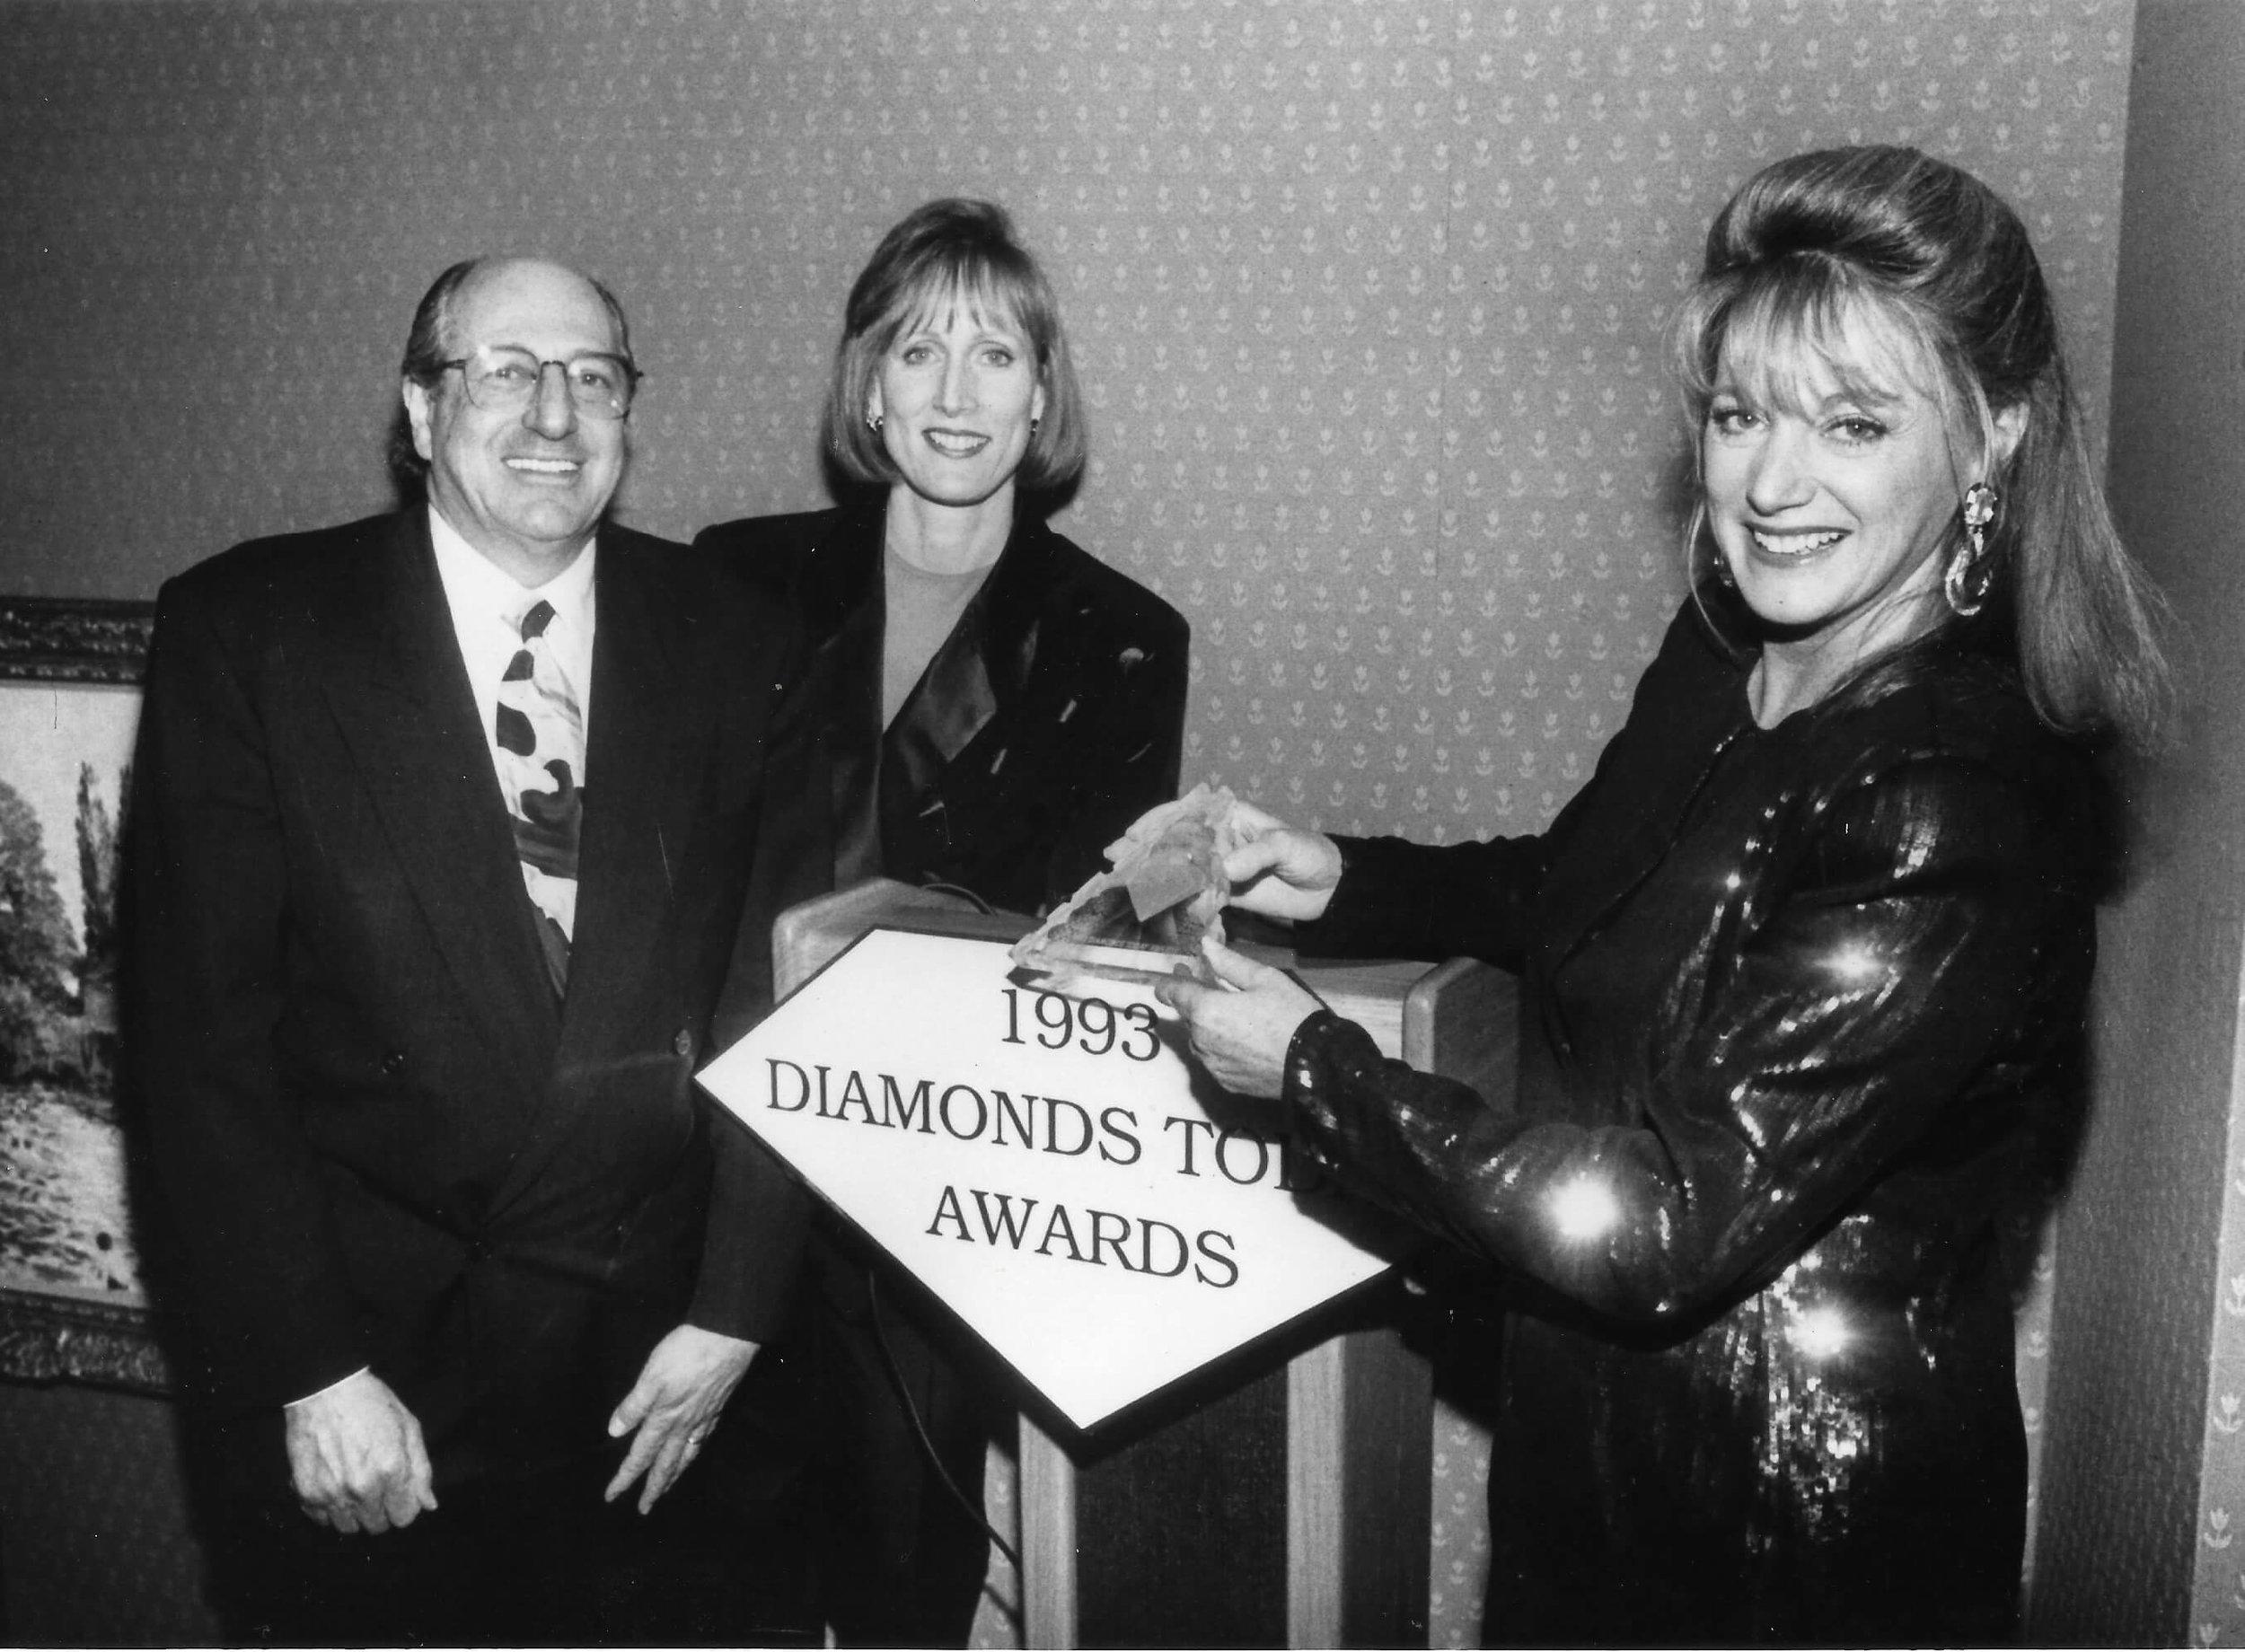 JH Diamonds Today Awards 1993.jpg